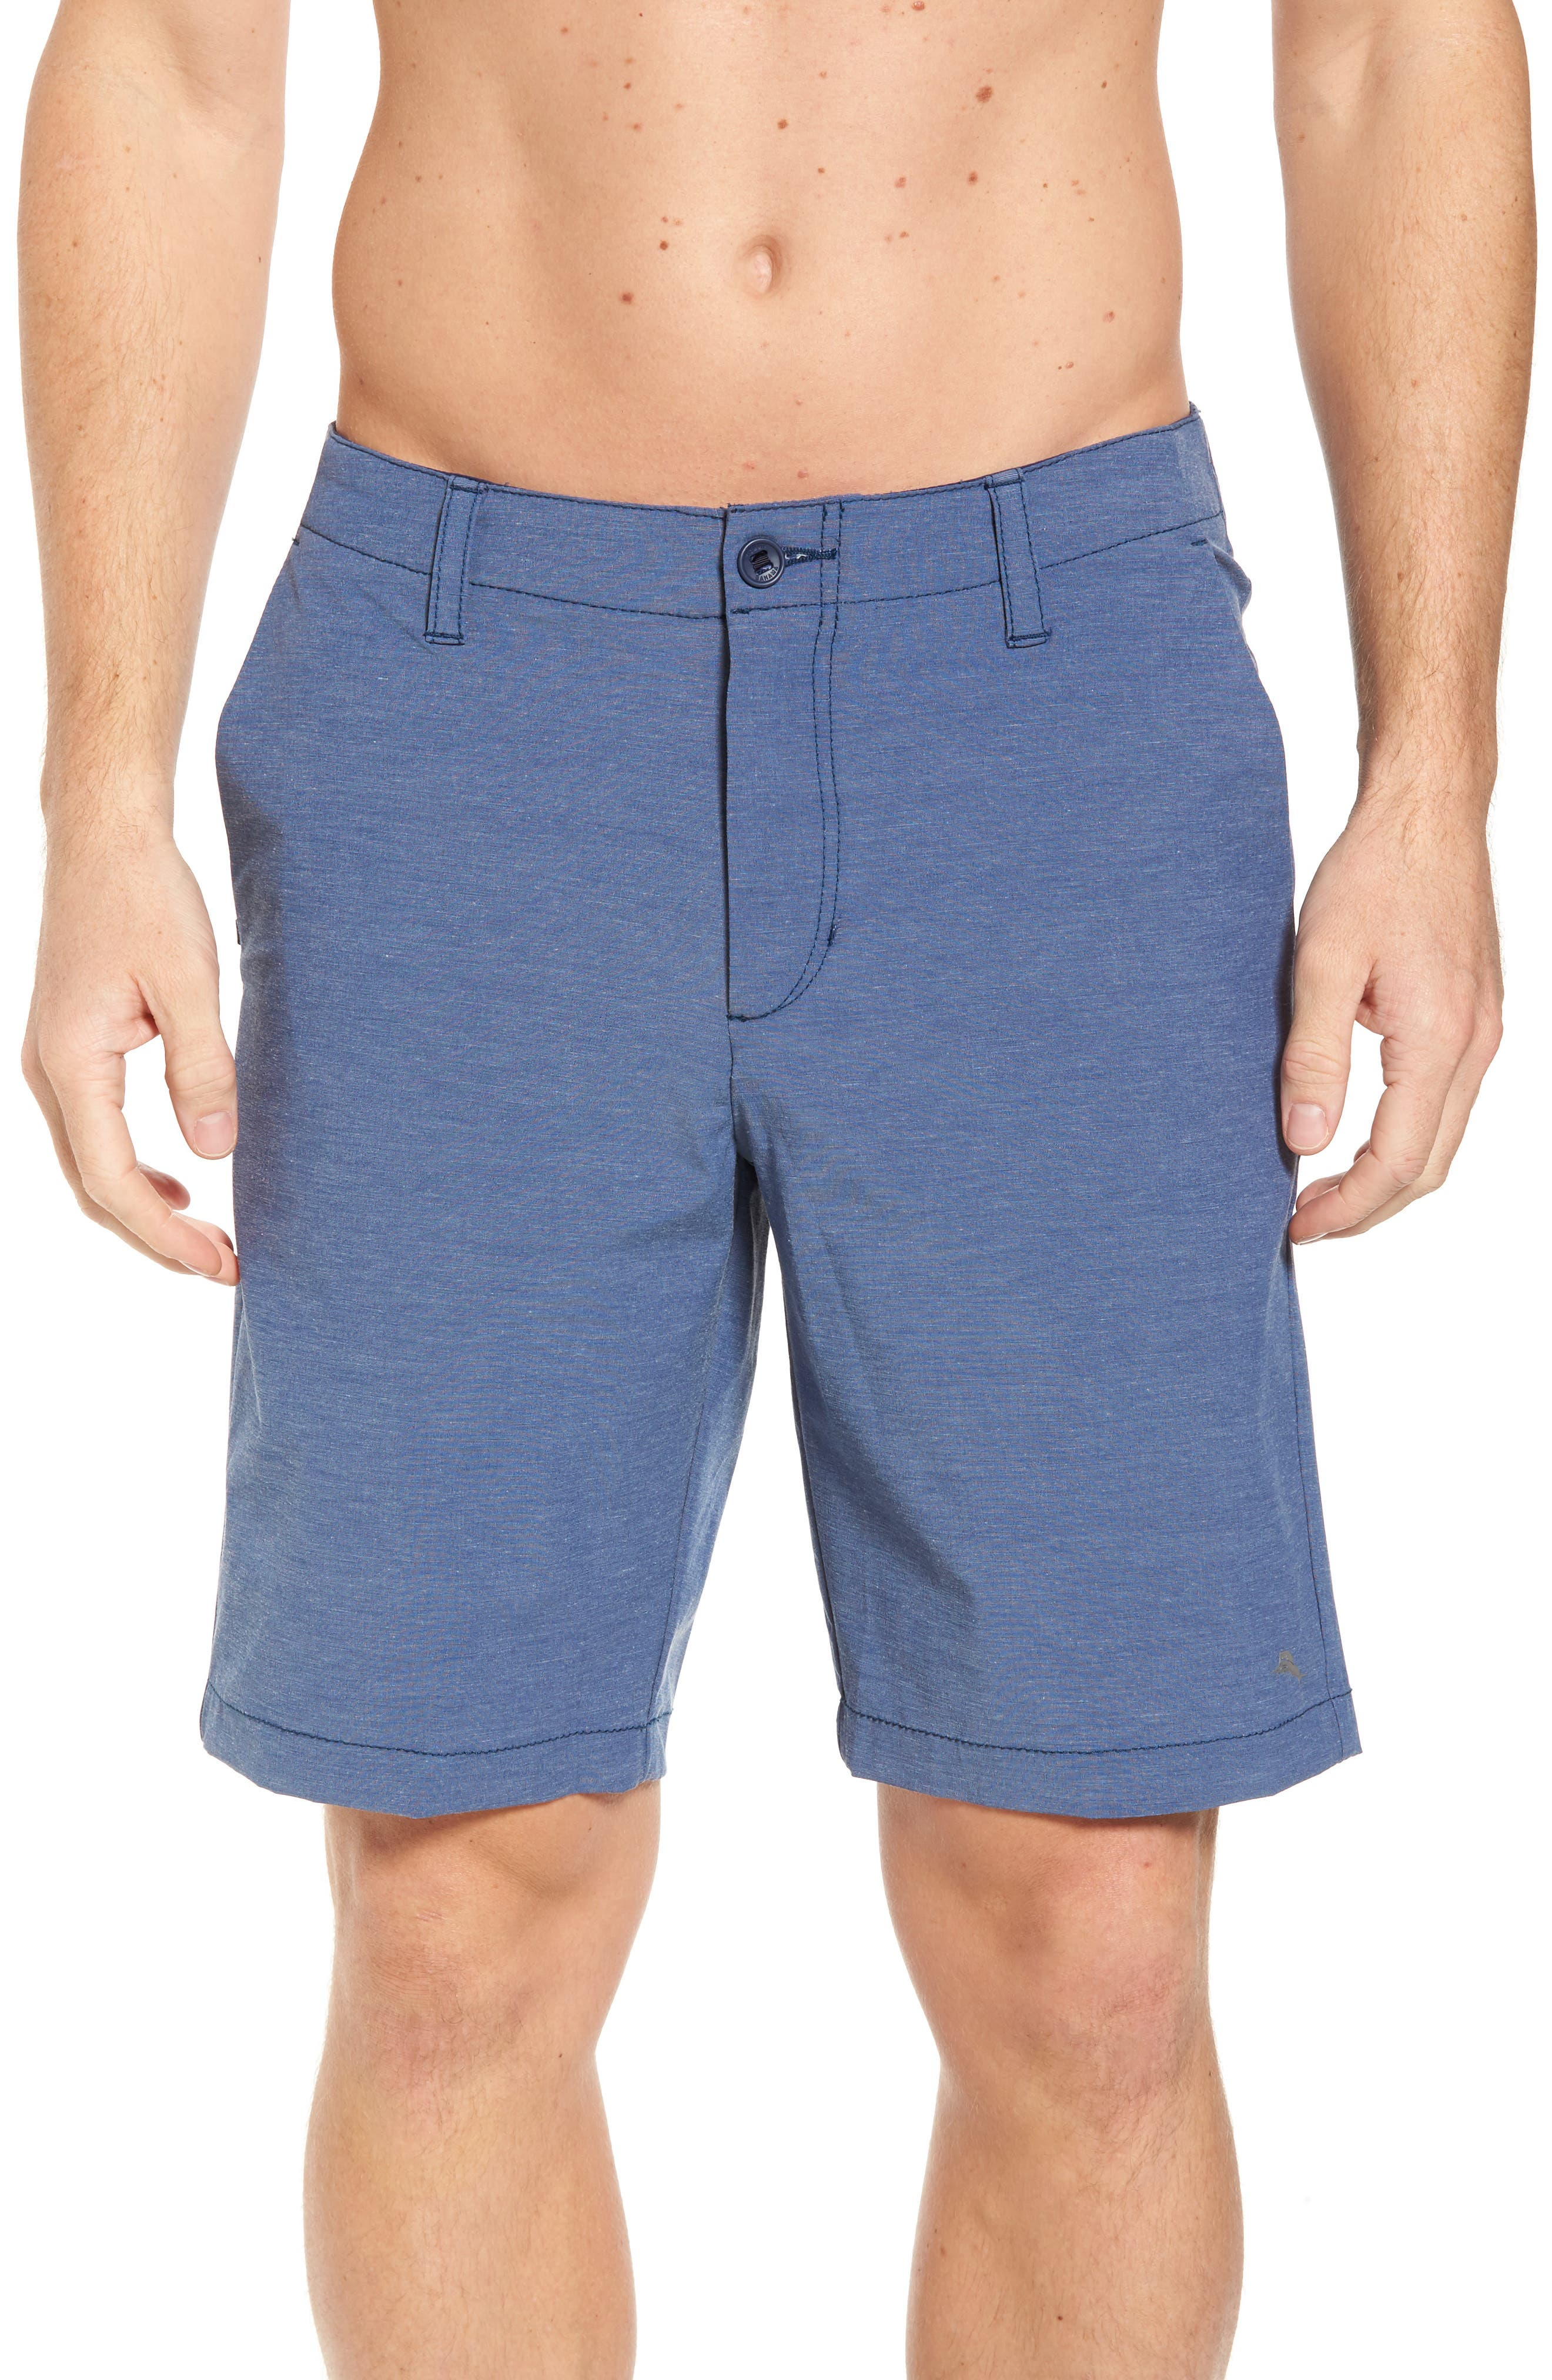 Chip & Run Shorts,                         Main,                         color, 400